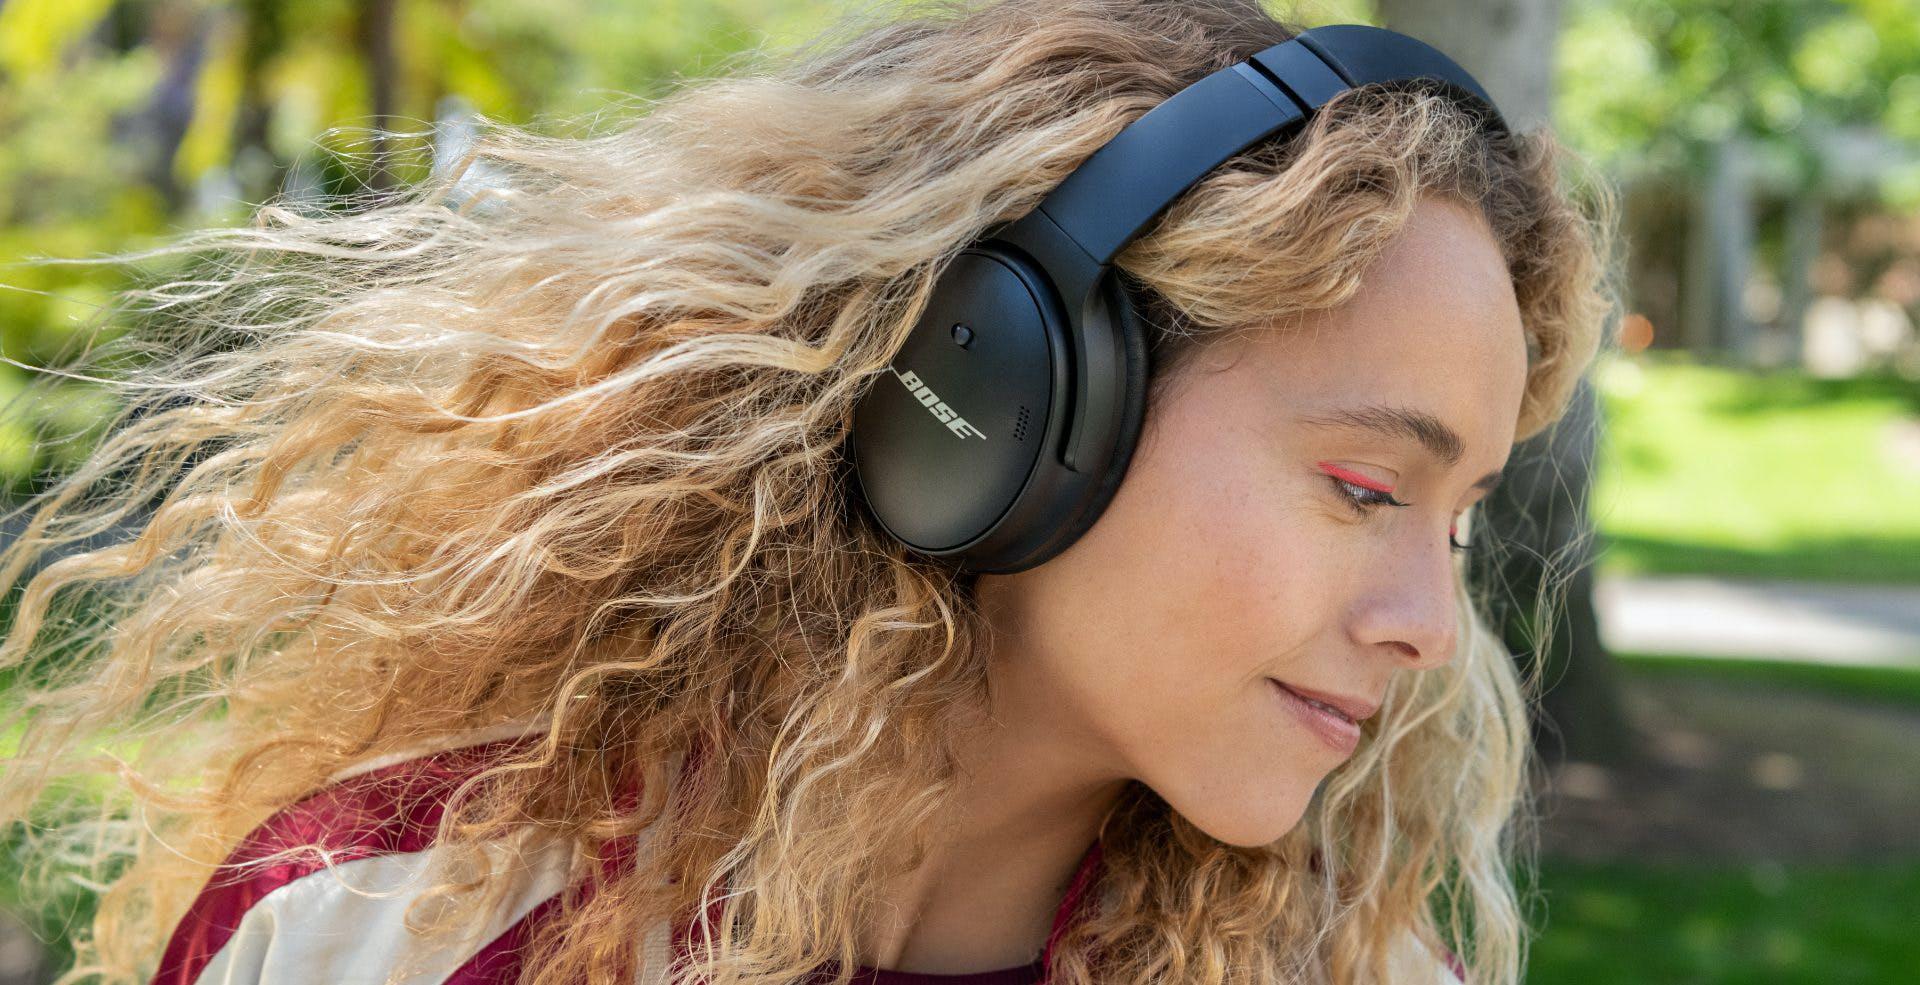 Bose lancia le cuffie wireless QuietComfort 45 con più autonomia e ascolto del suono ambientale